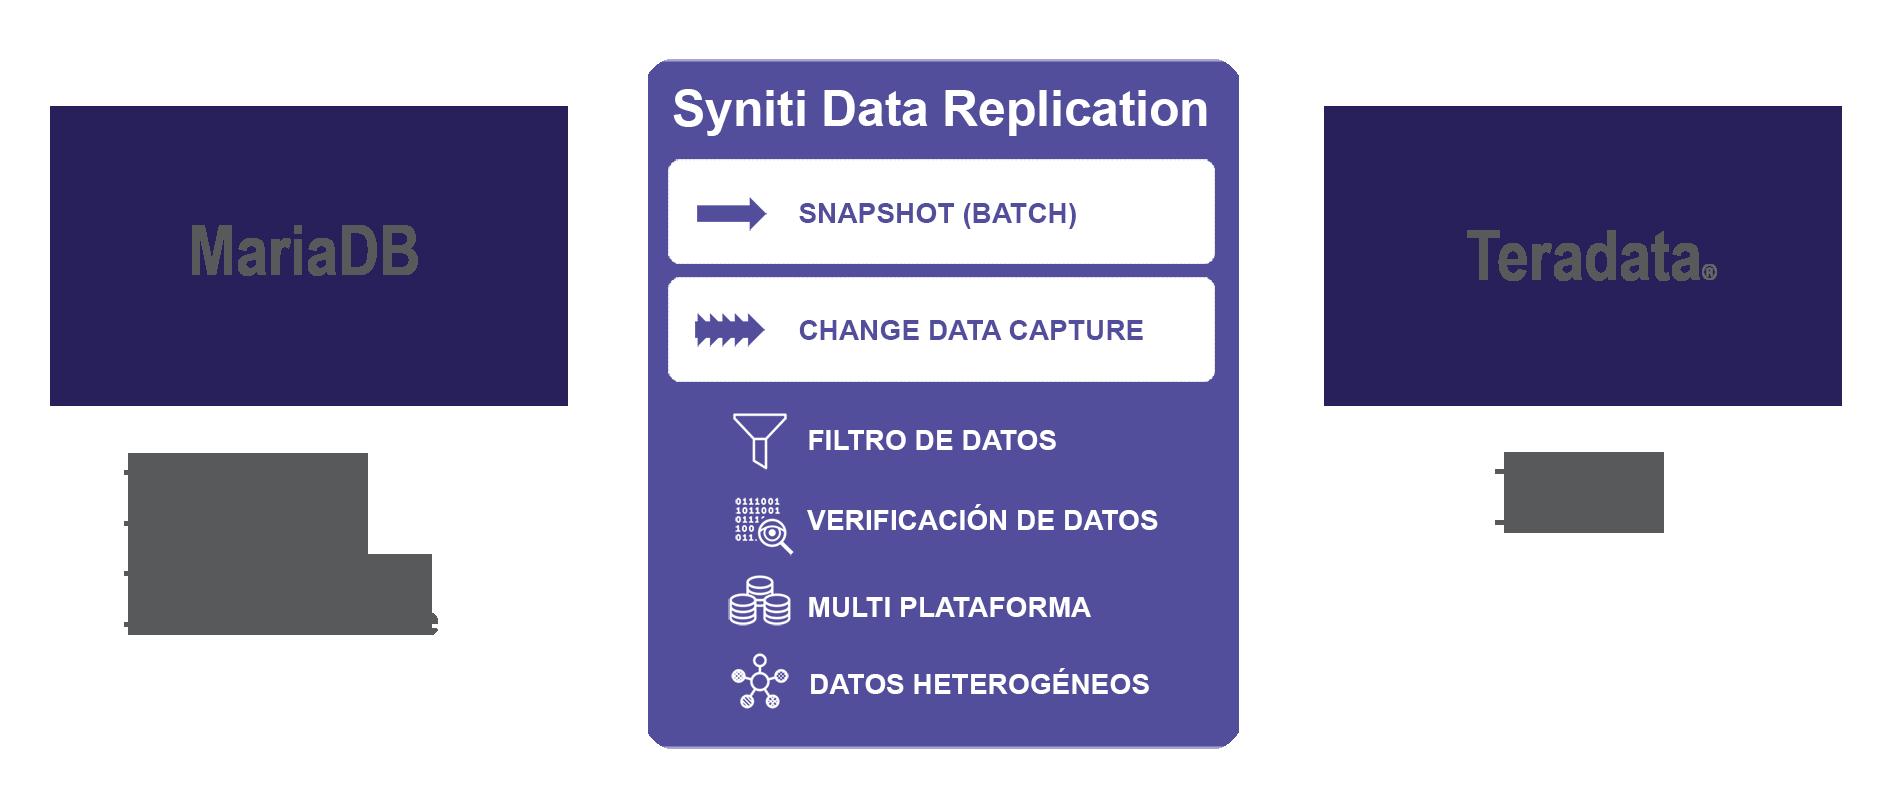 Replicación de datos MariaDB a Teradata en tiempo real